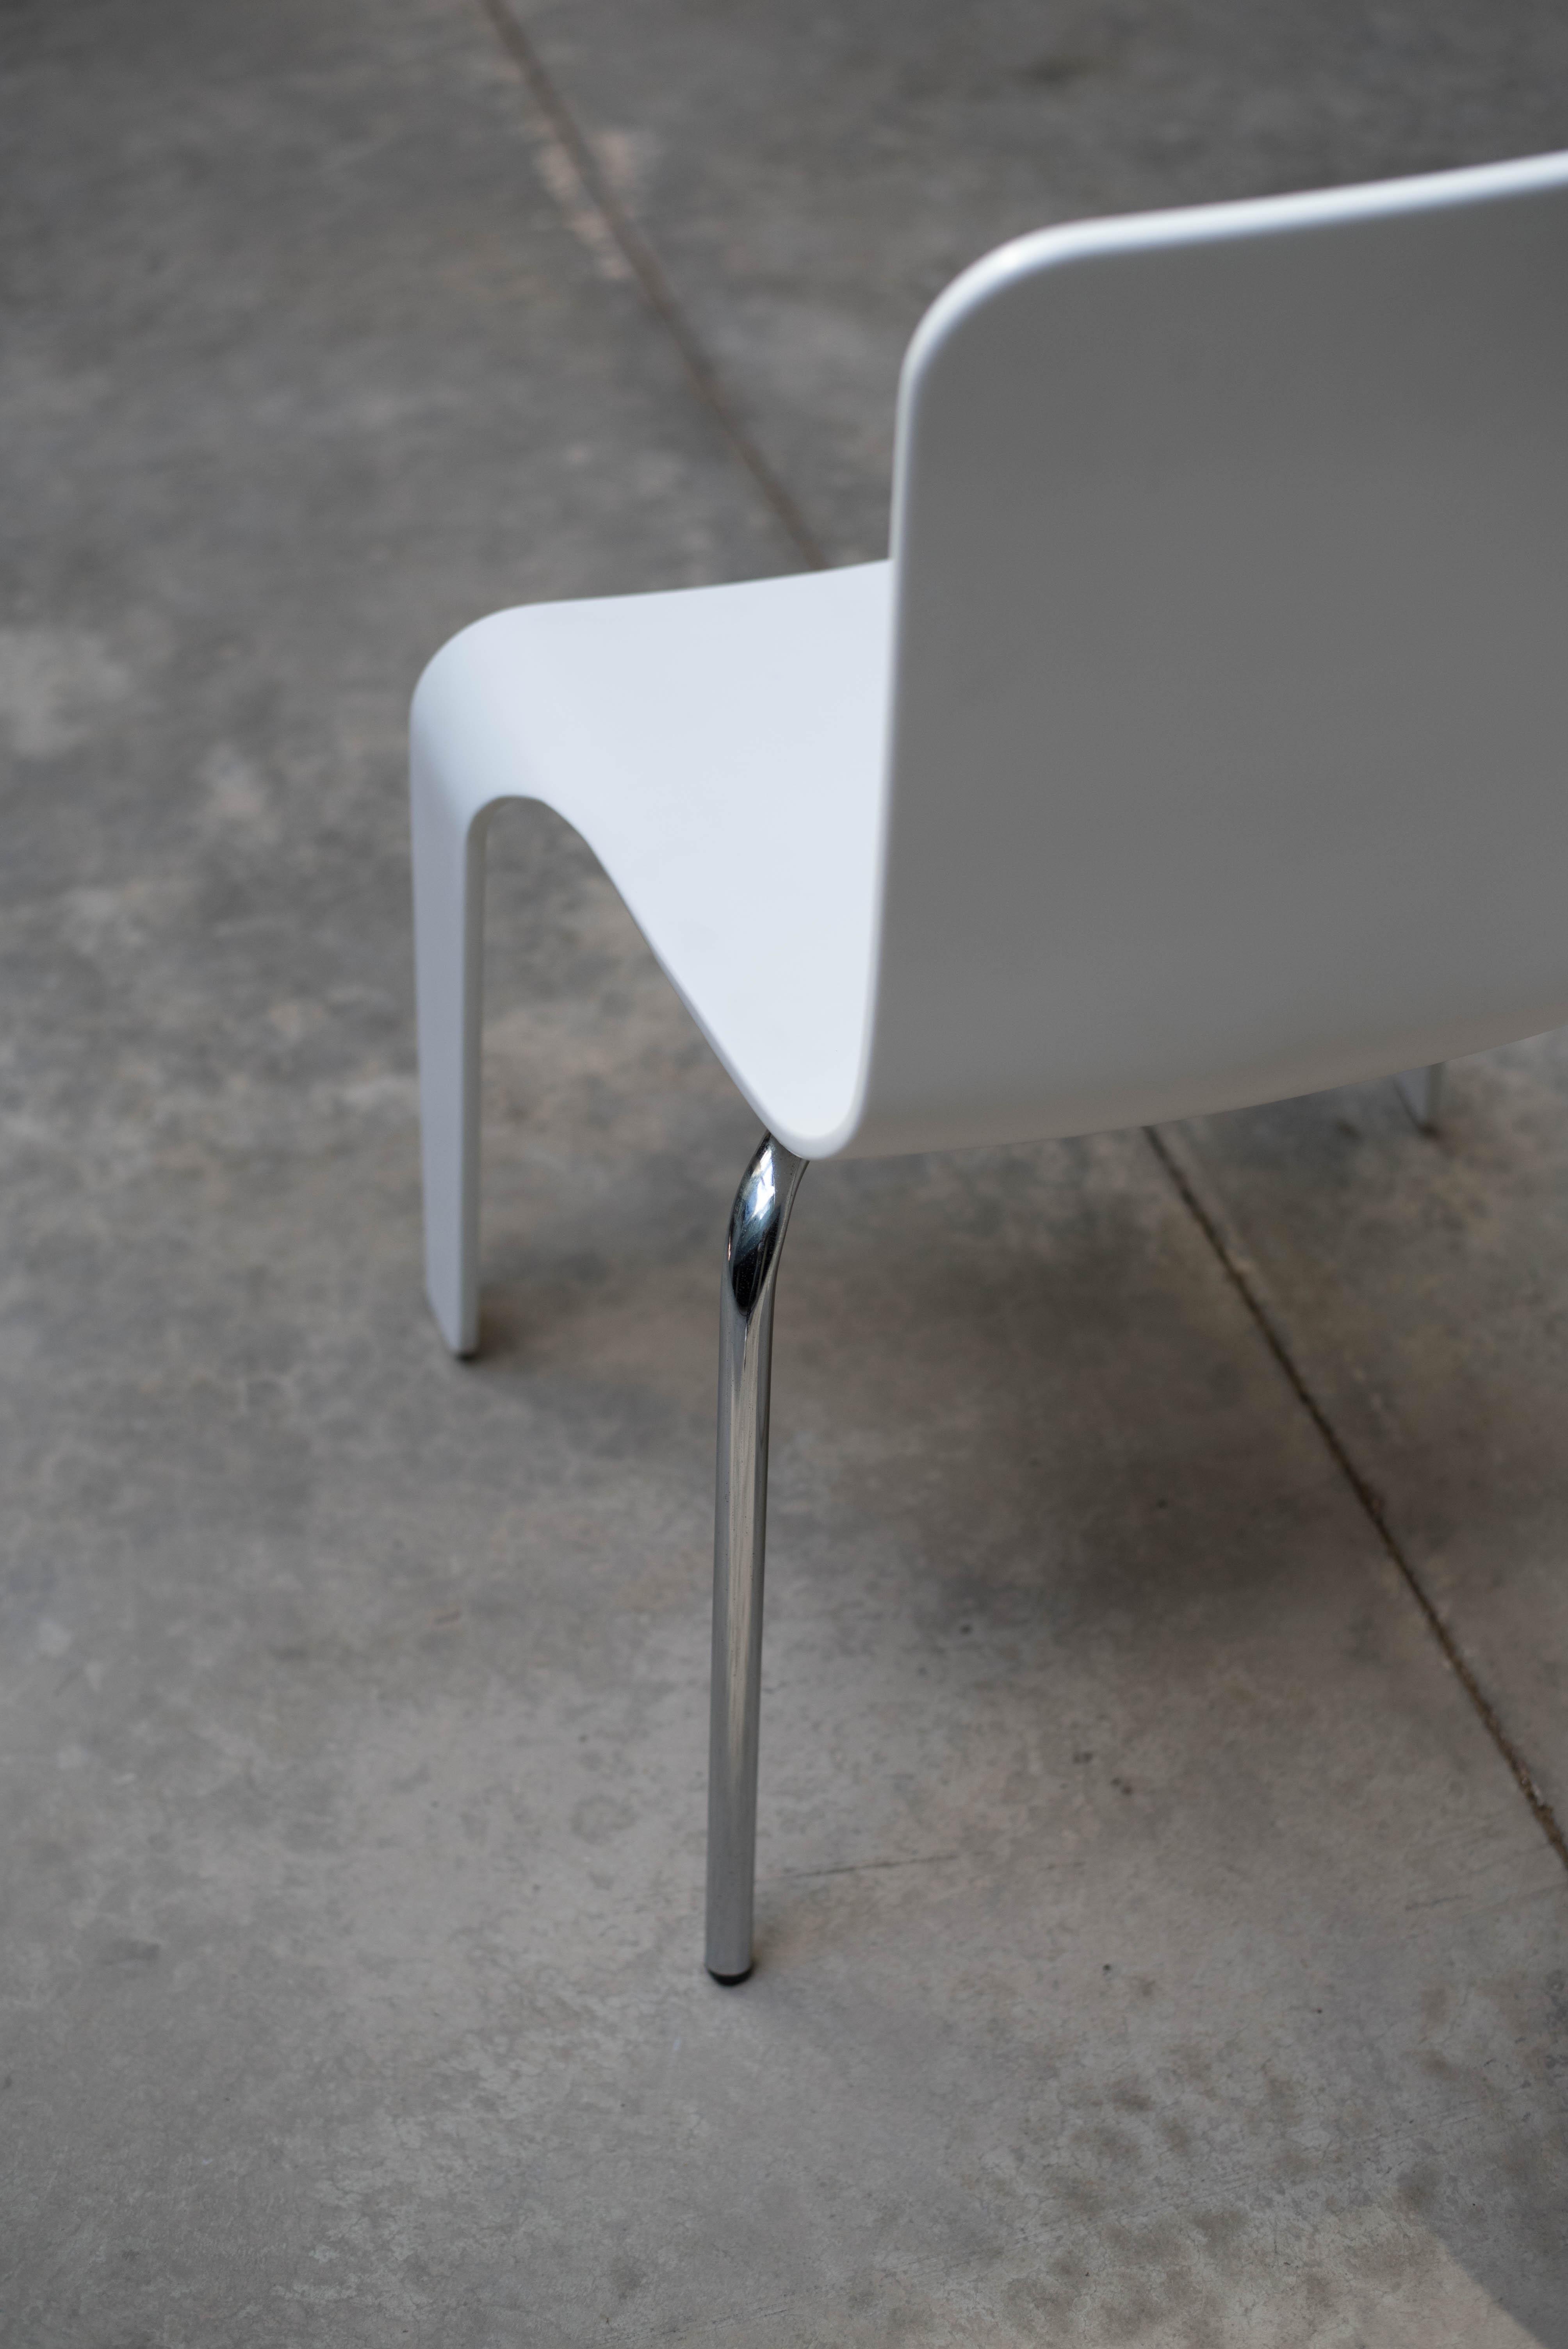 Silla Melt diseñada por Discoh Design